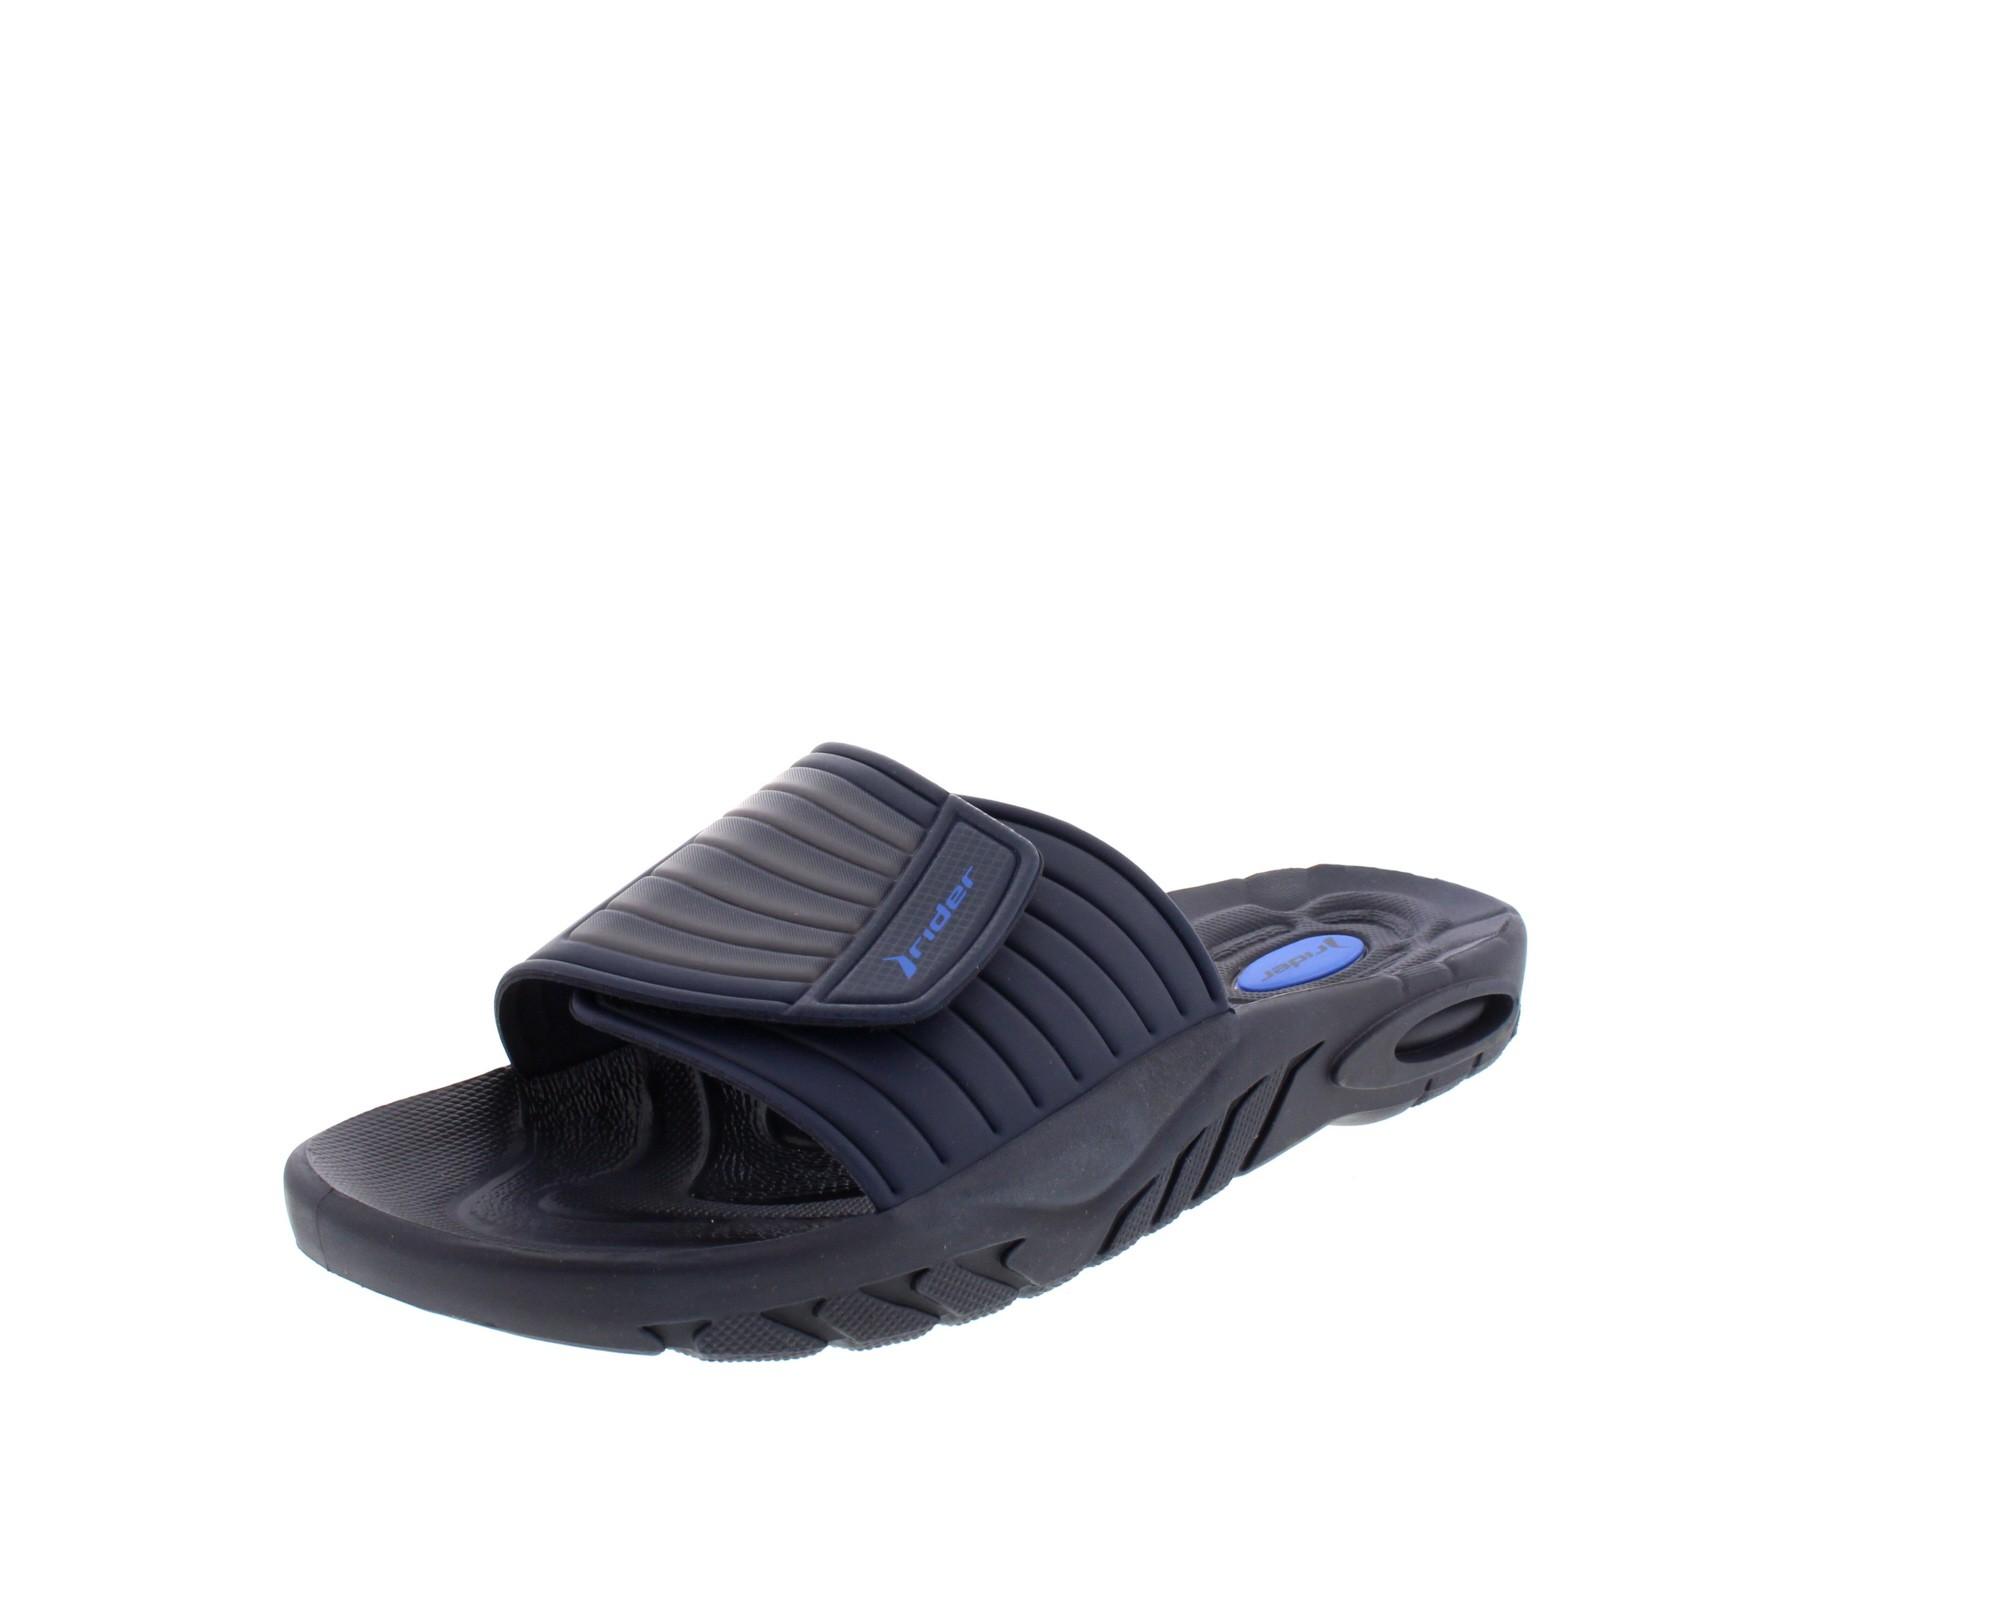 RIDER Schuhe - Schlappe DELTA AD 81820 - blue